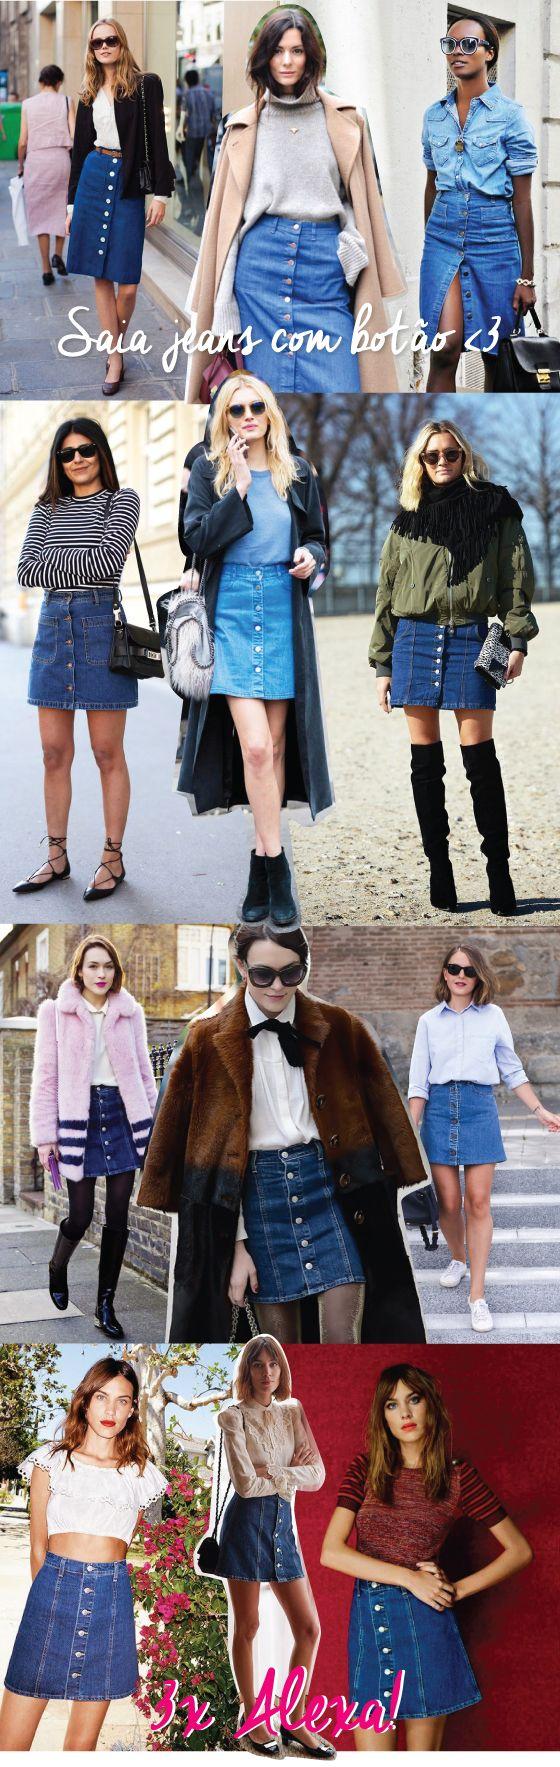 saia jeans com botões na frente tendencia anos 70: